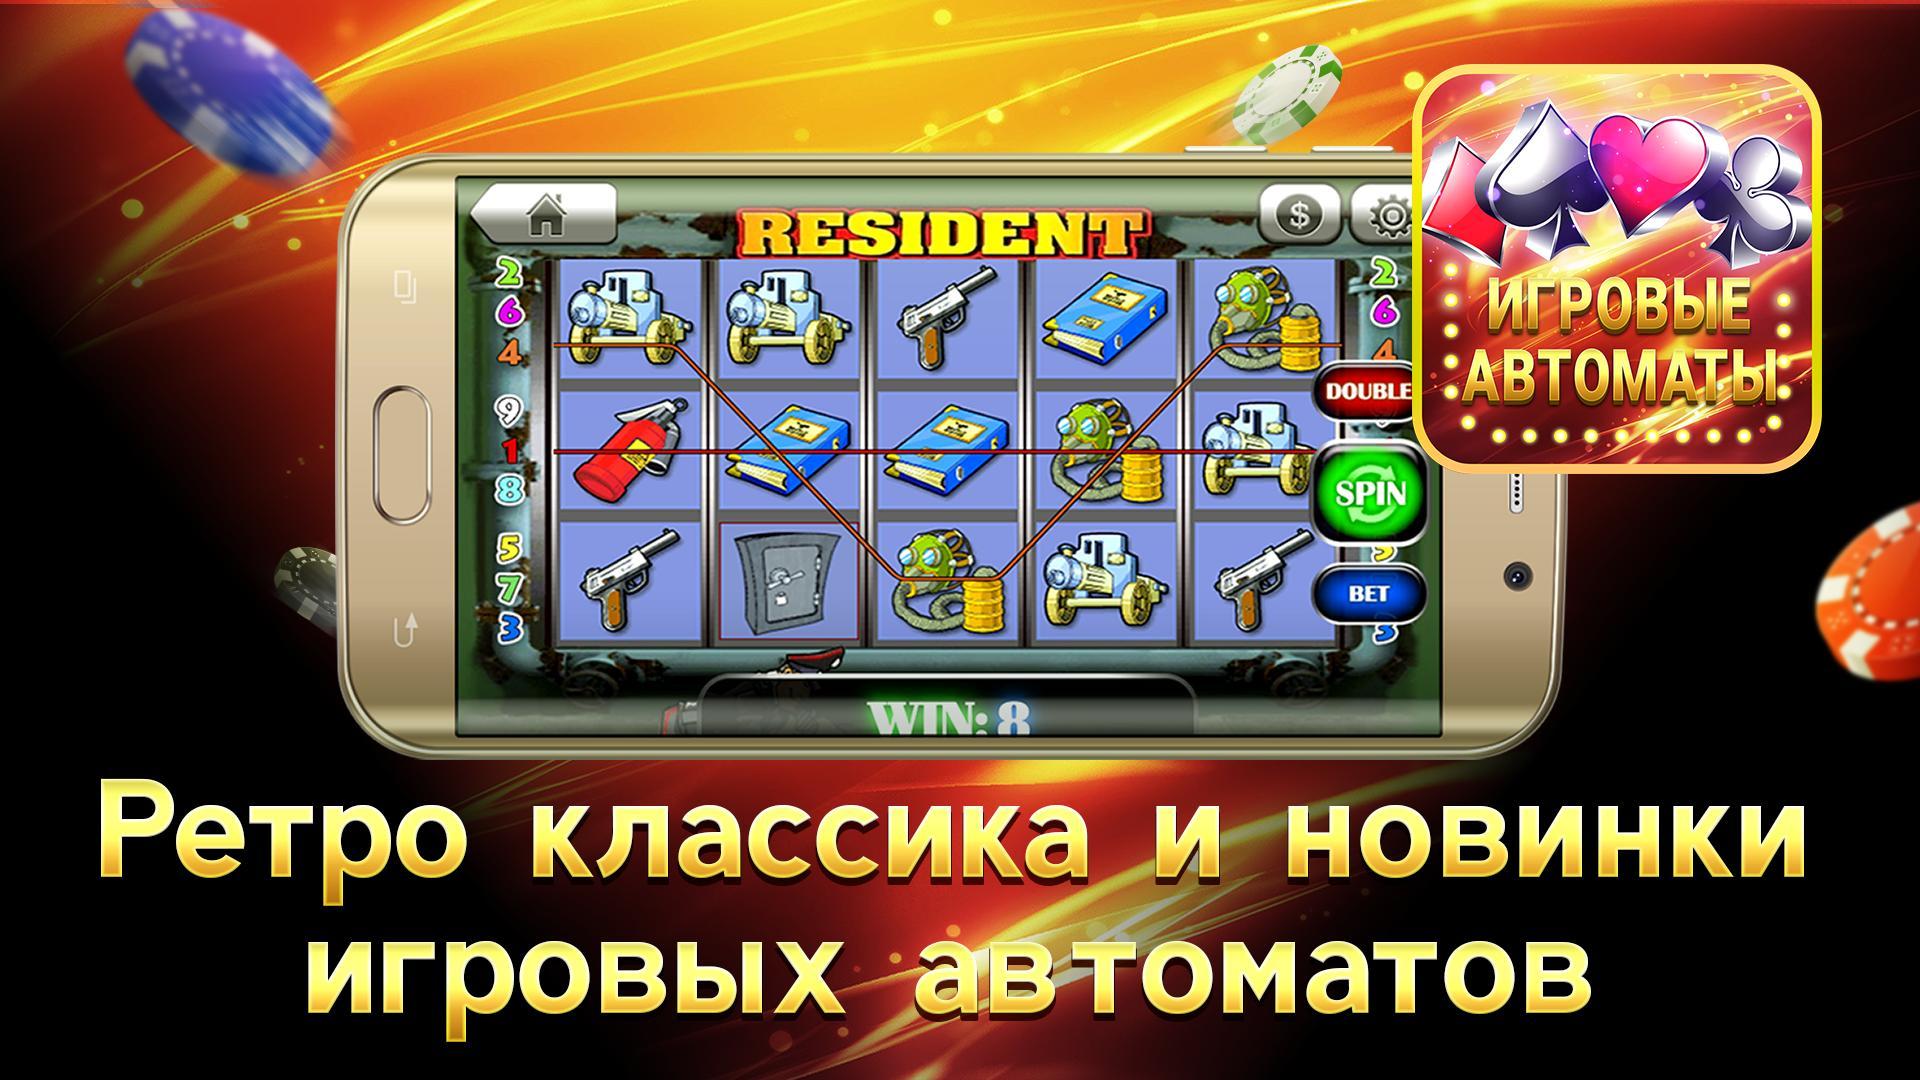 Скачать симулятор игровые автоматы бесплатно free online bonus slots casino